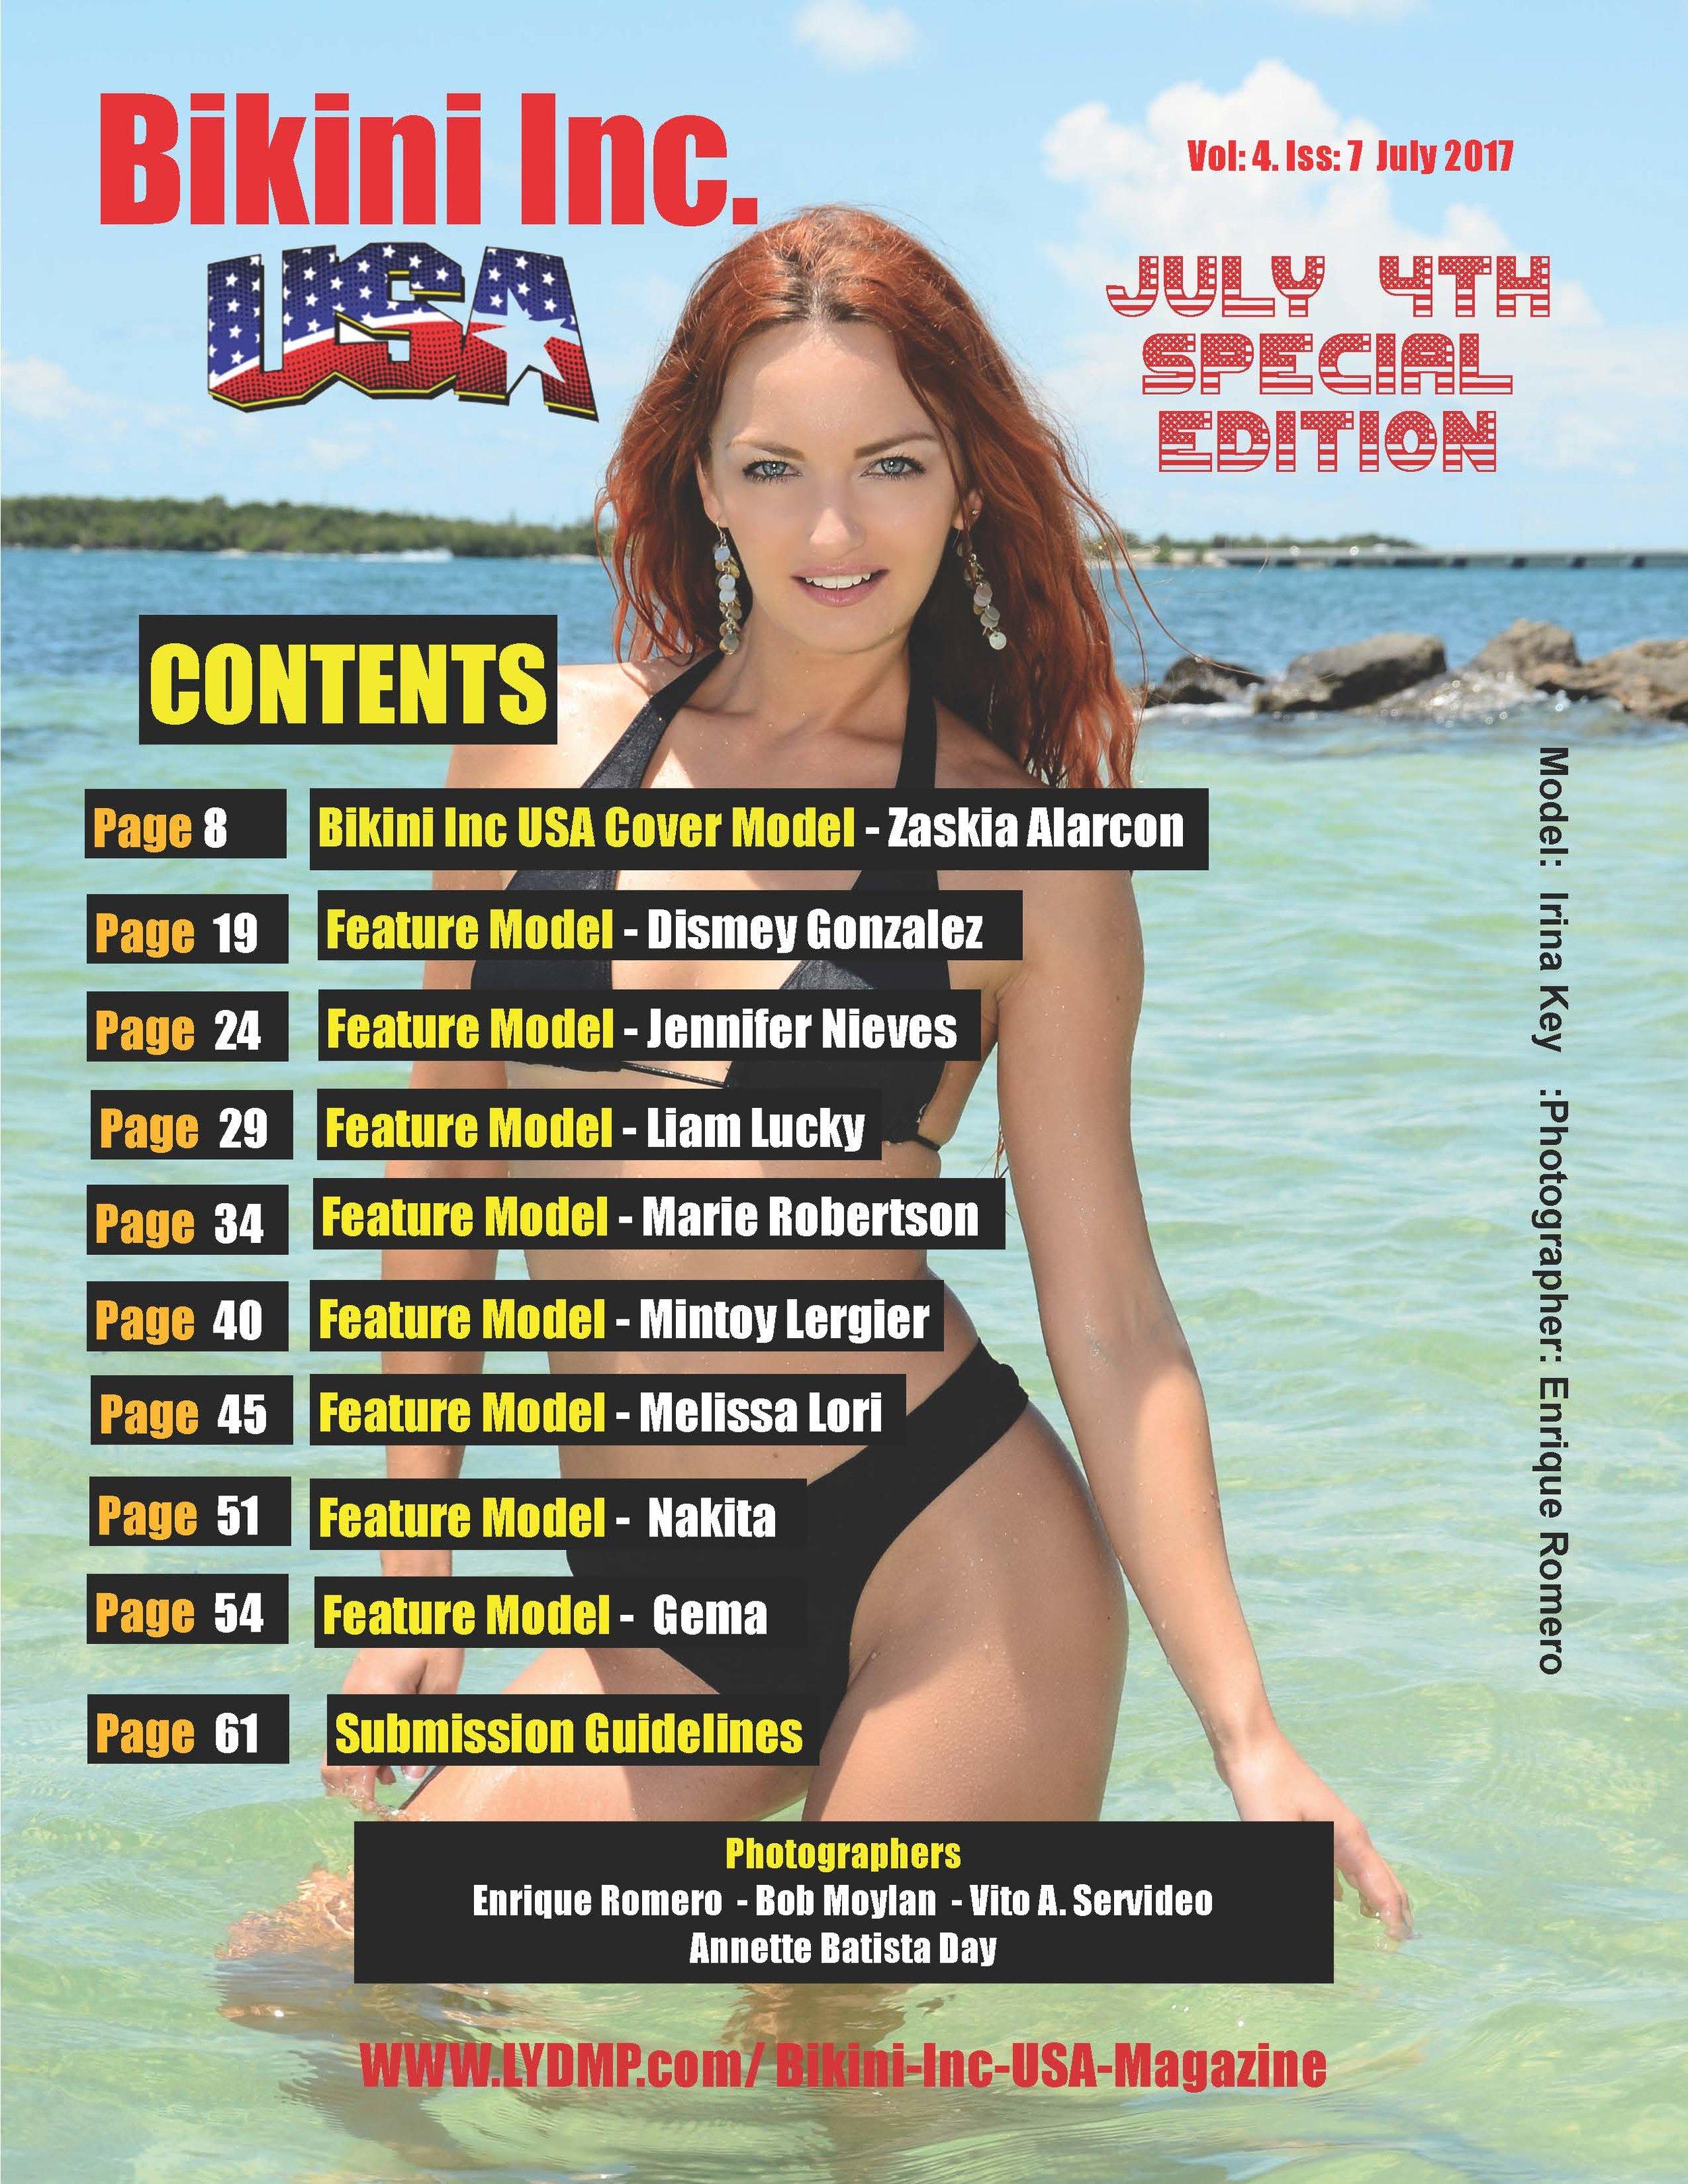 07-Bikini Inc USA Magazine - July 2017-IK-Content Page.jpg